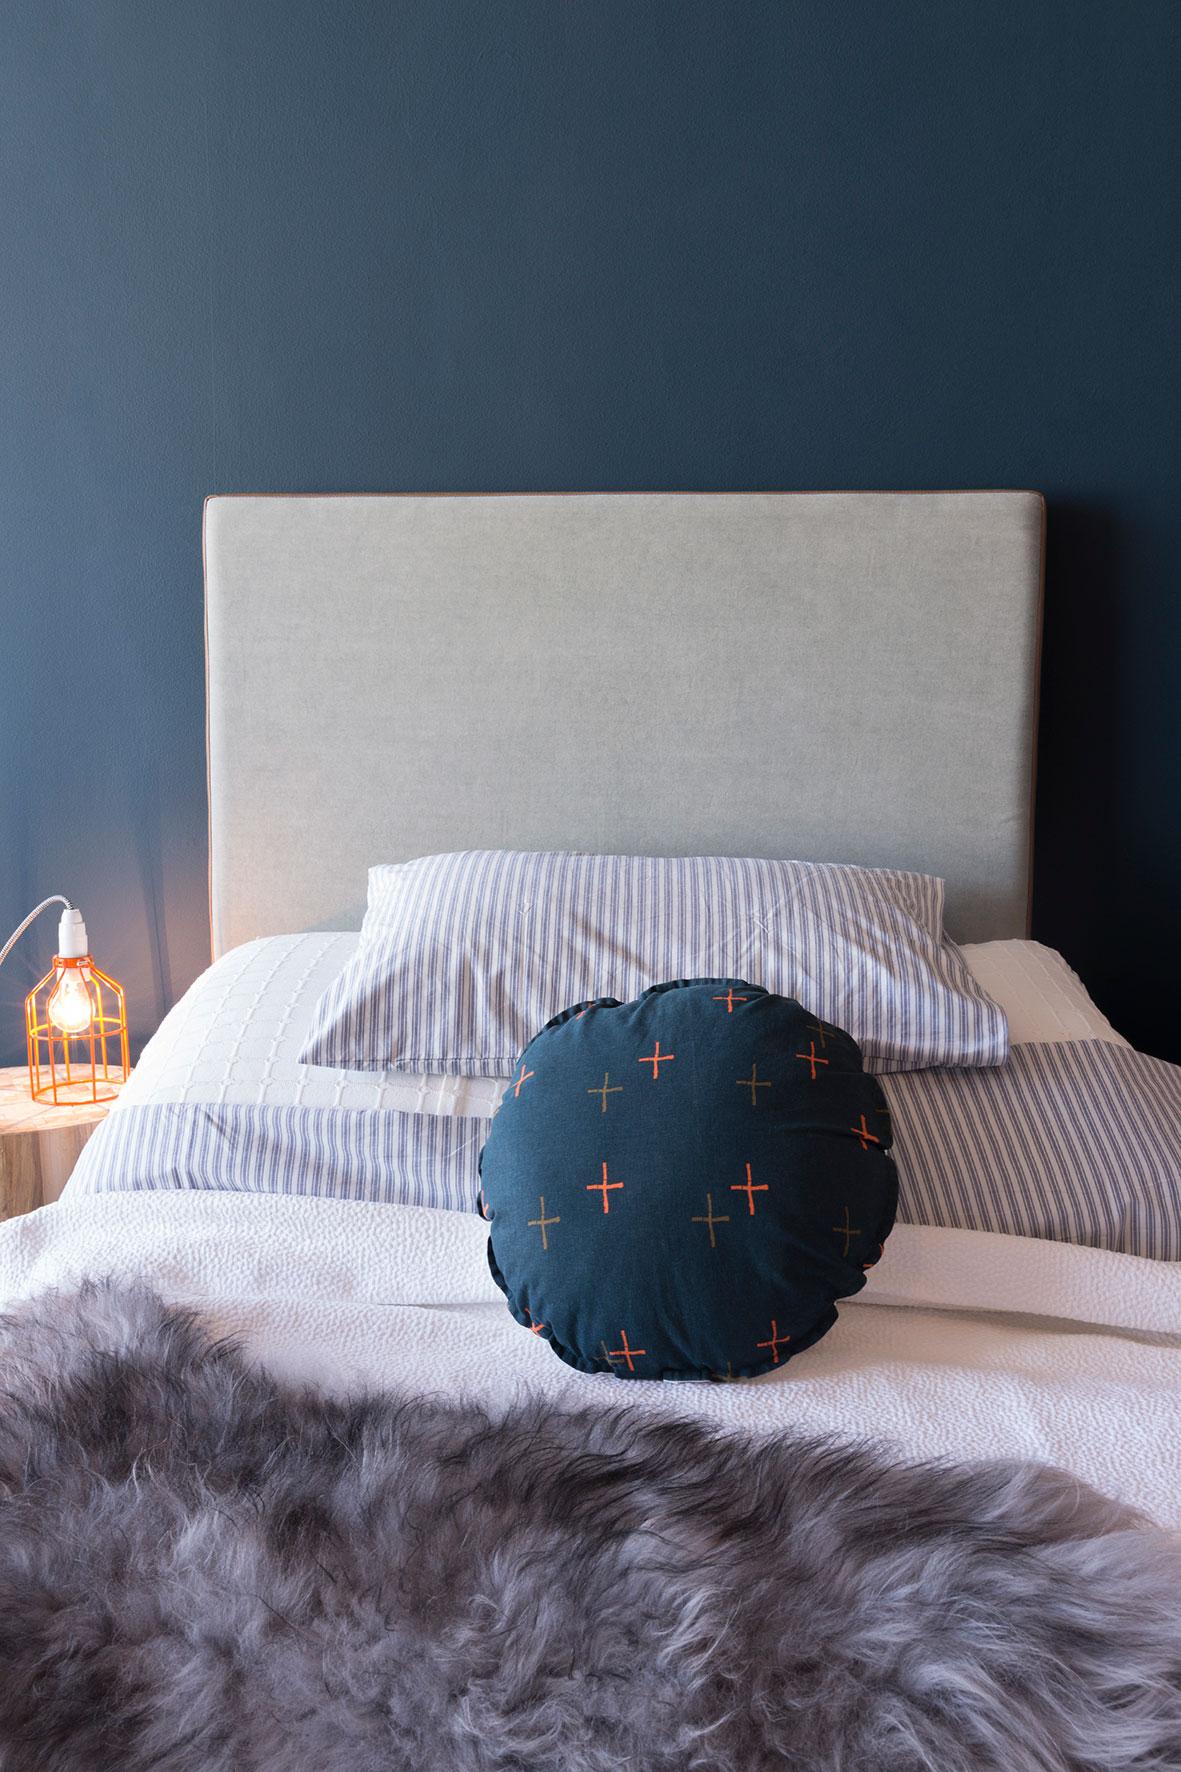 Photographie publicitaire d'un lit avec linge de maison.